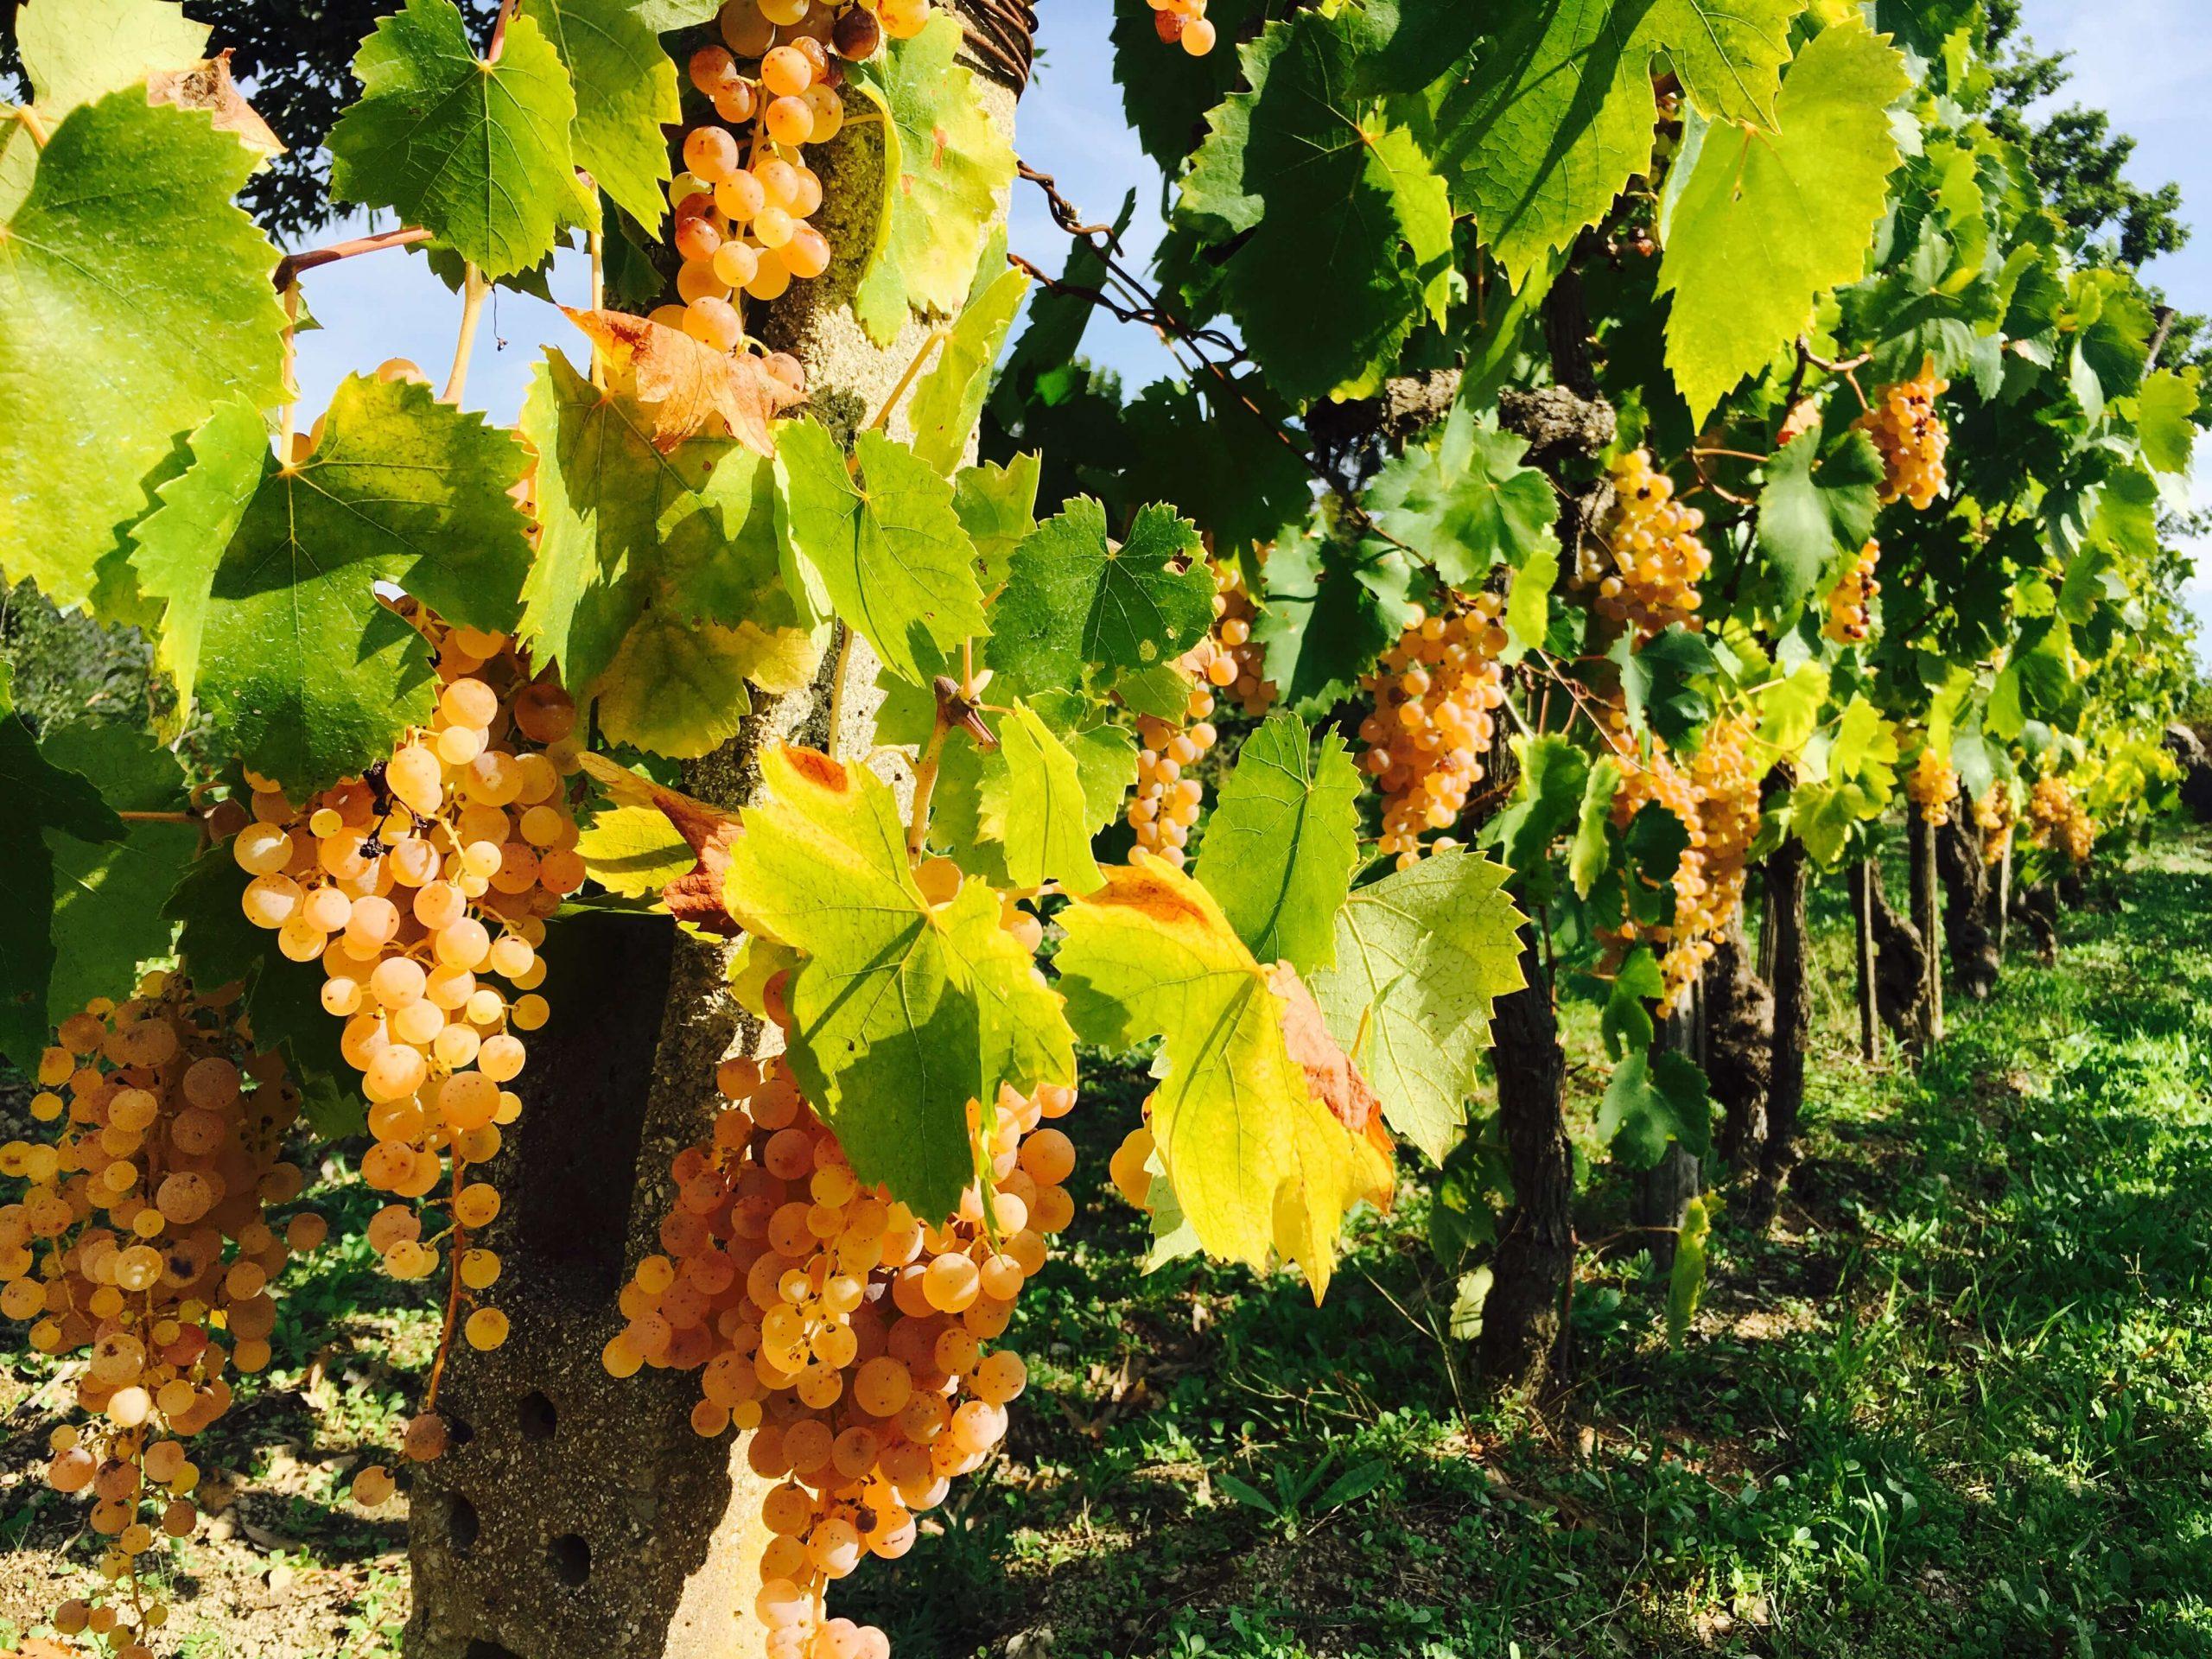 Vi forbereder innhøsting av druer